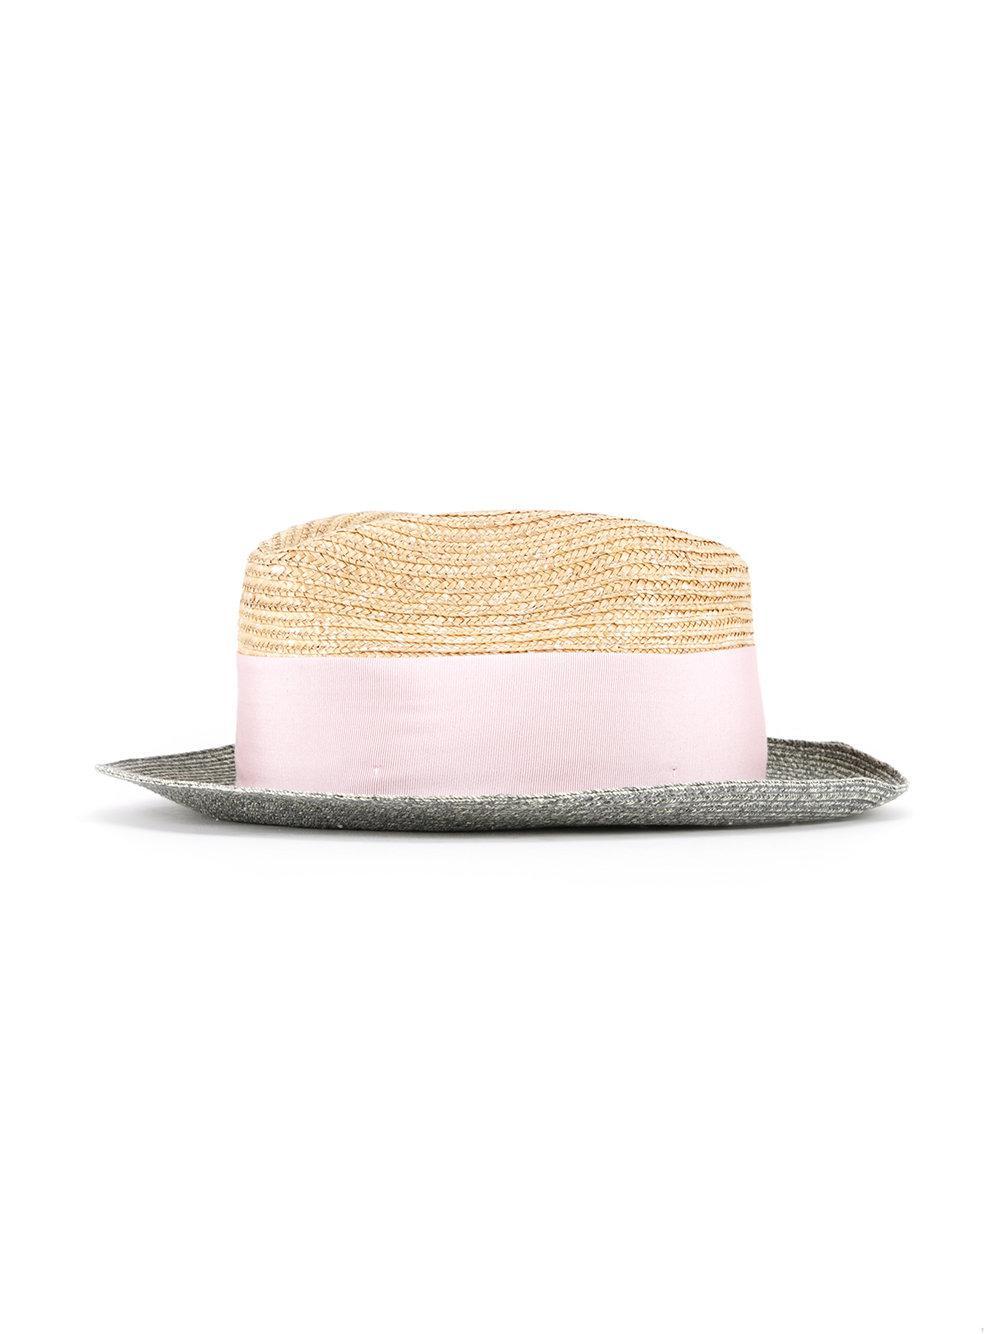 Lyst - Sombrero con diseño en contraste Federica Moretti de color Rosa 1de21090755